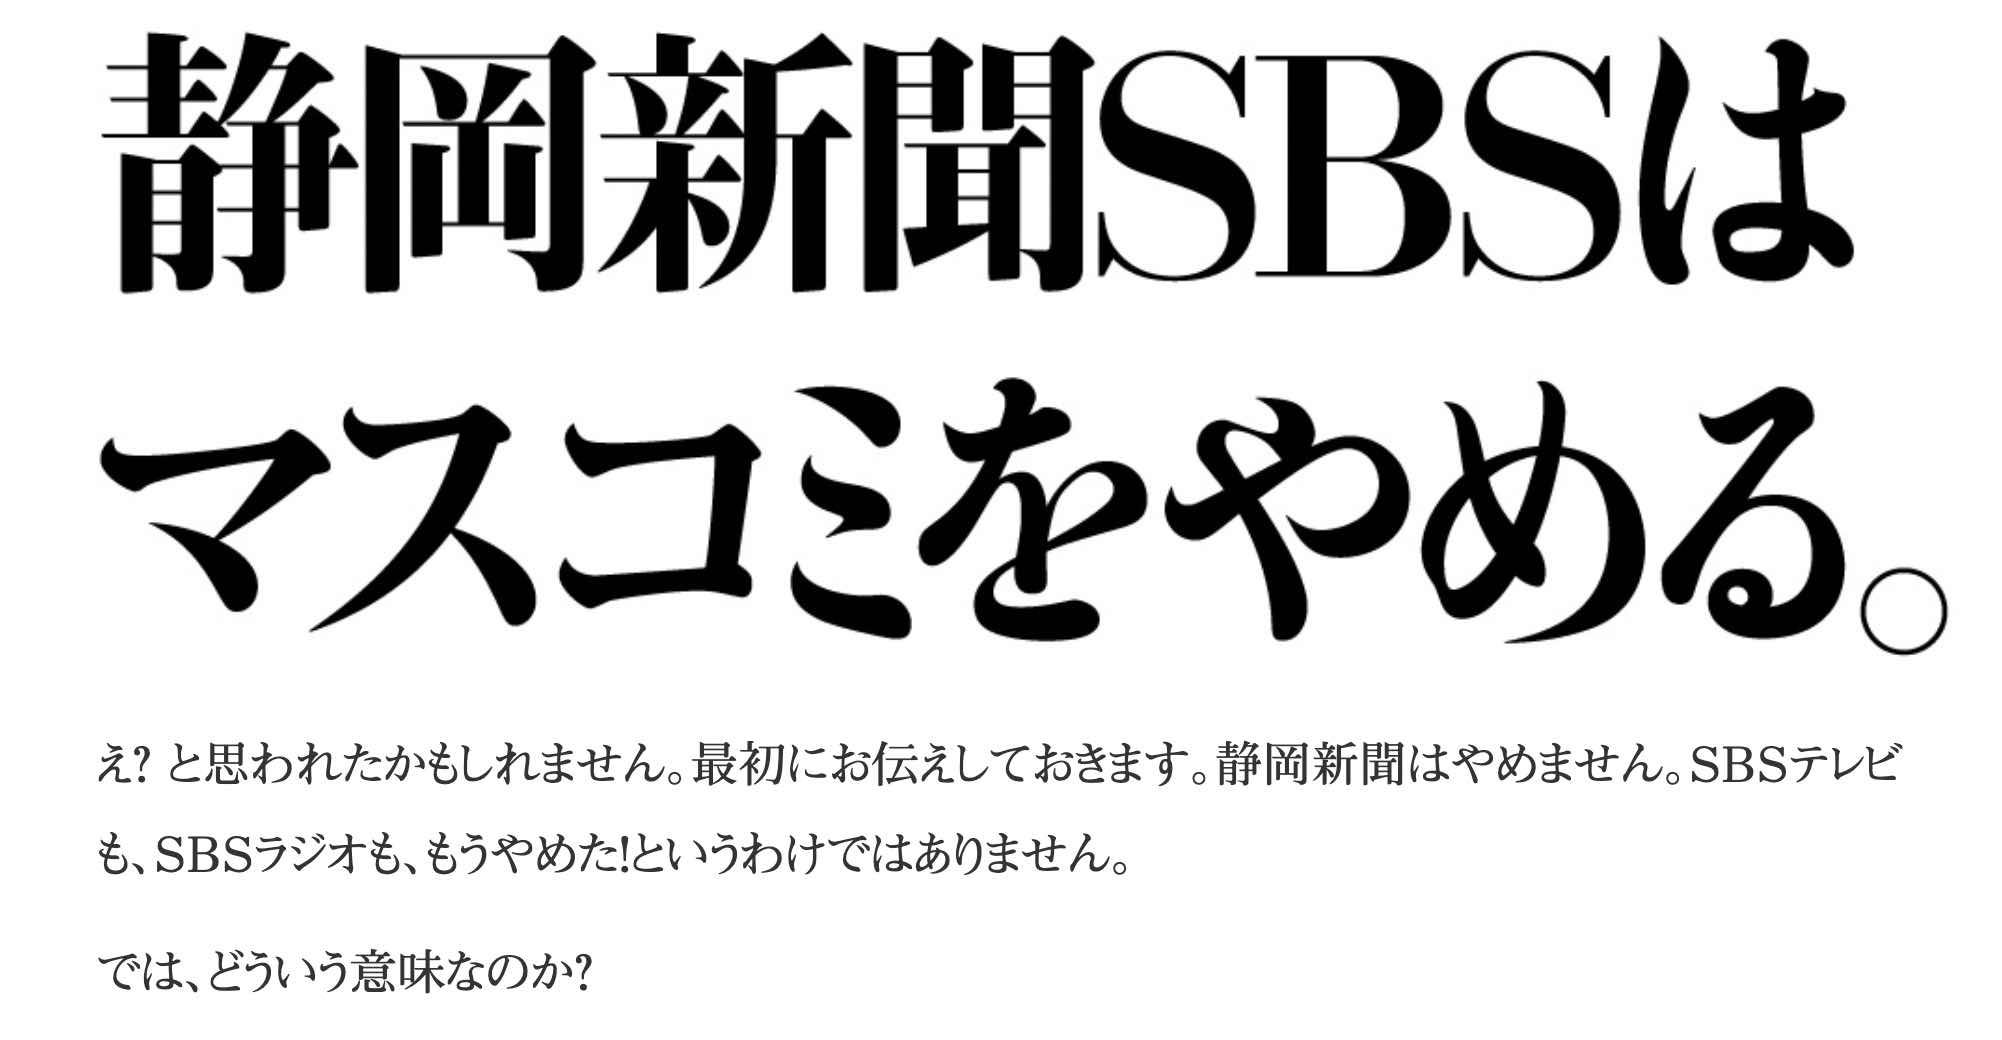 静岡新聞SBS、マスコミやめたってよ〜奈良岡将英氏がシリコンバレーから答える